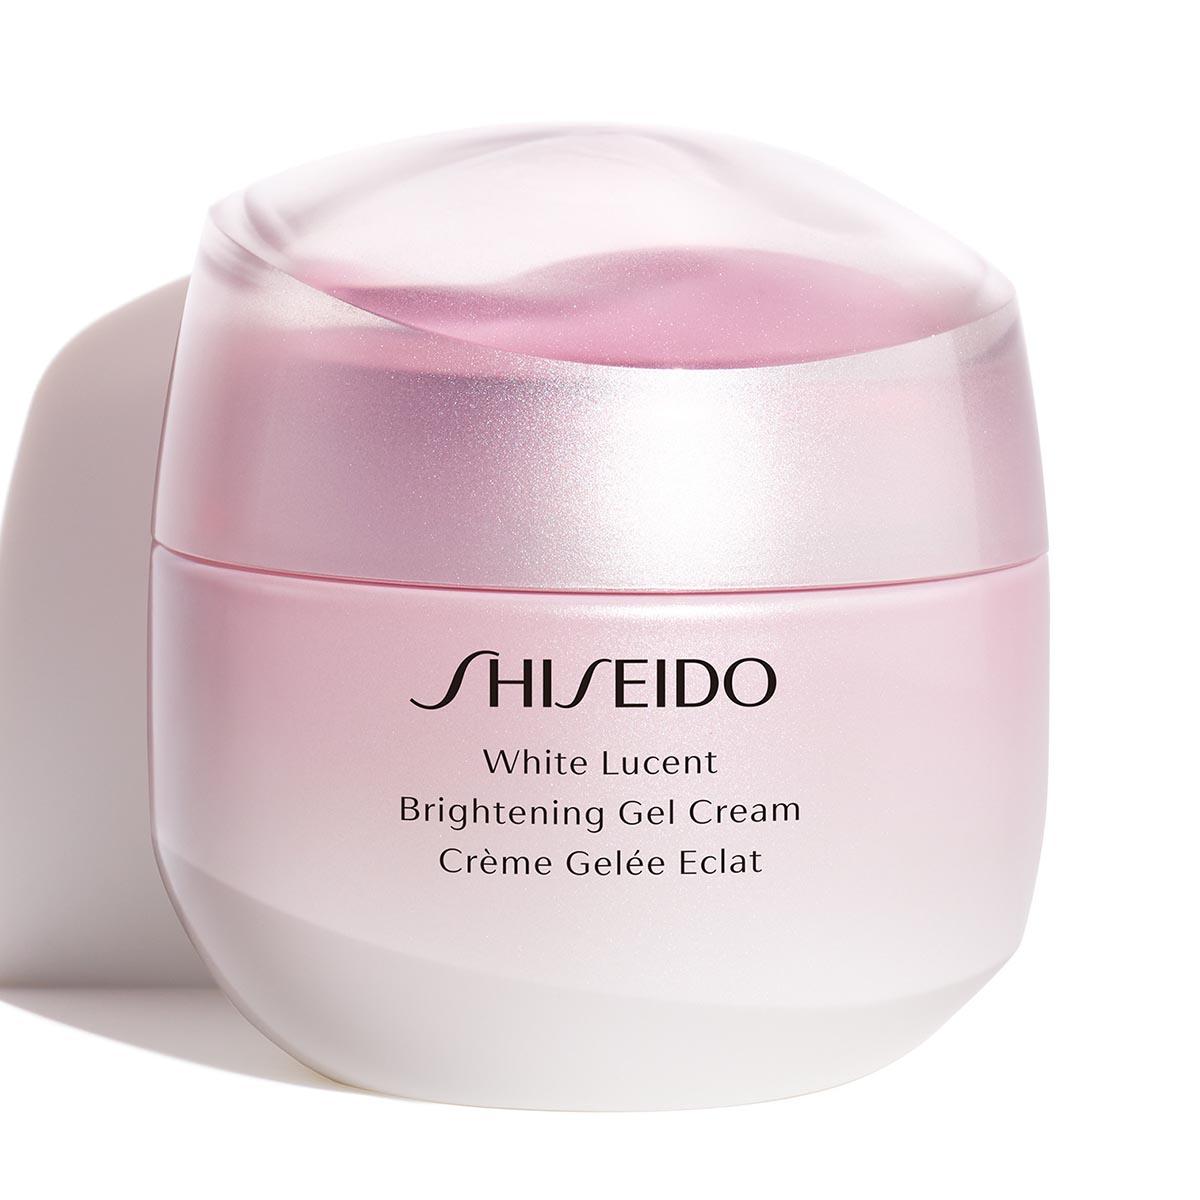 Shiseido white lucency brightening gel cream tester 50ml